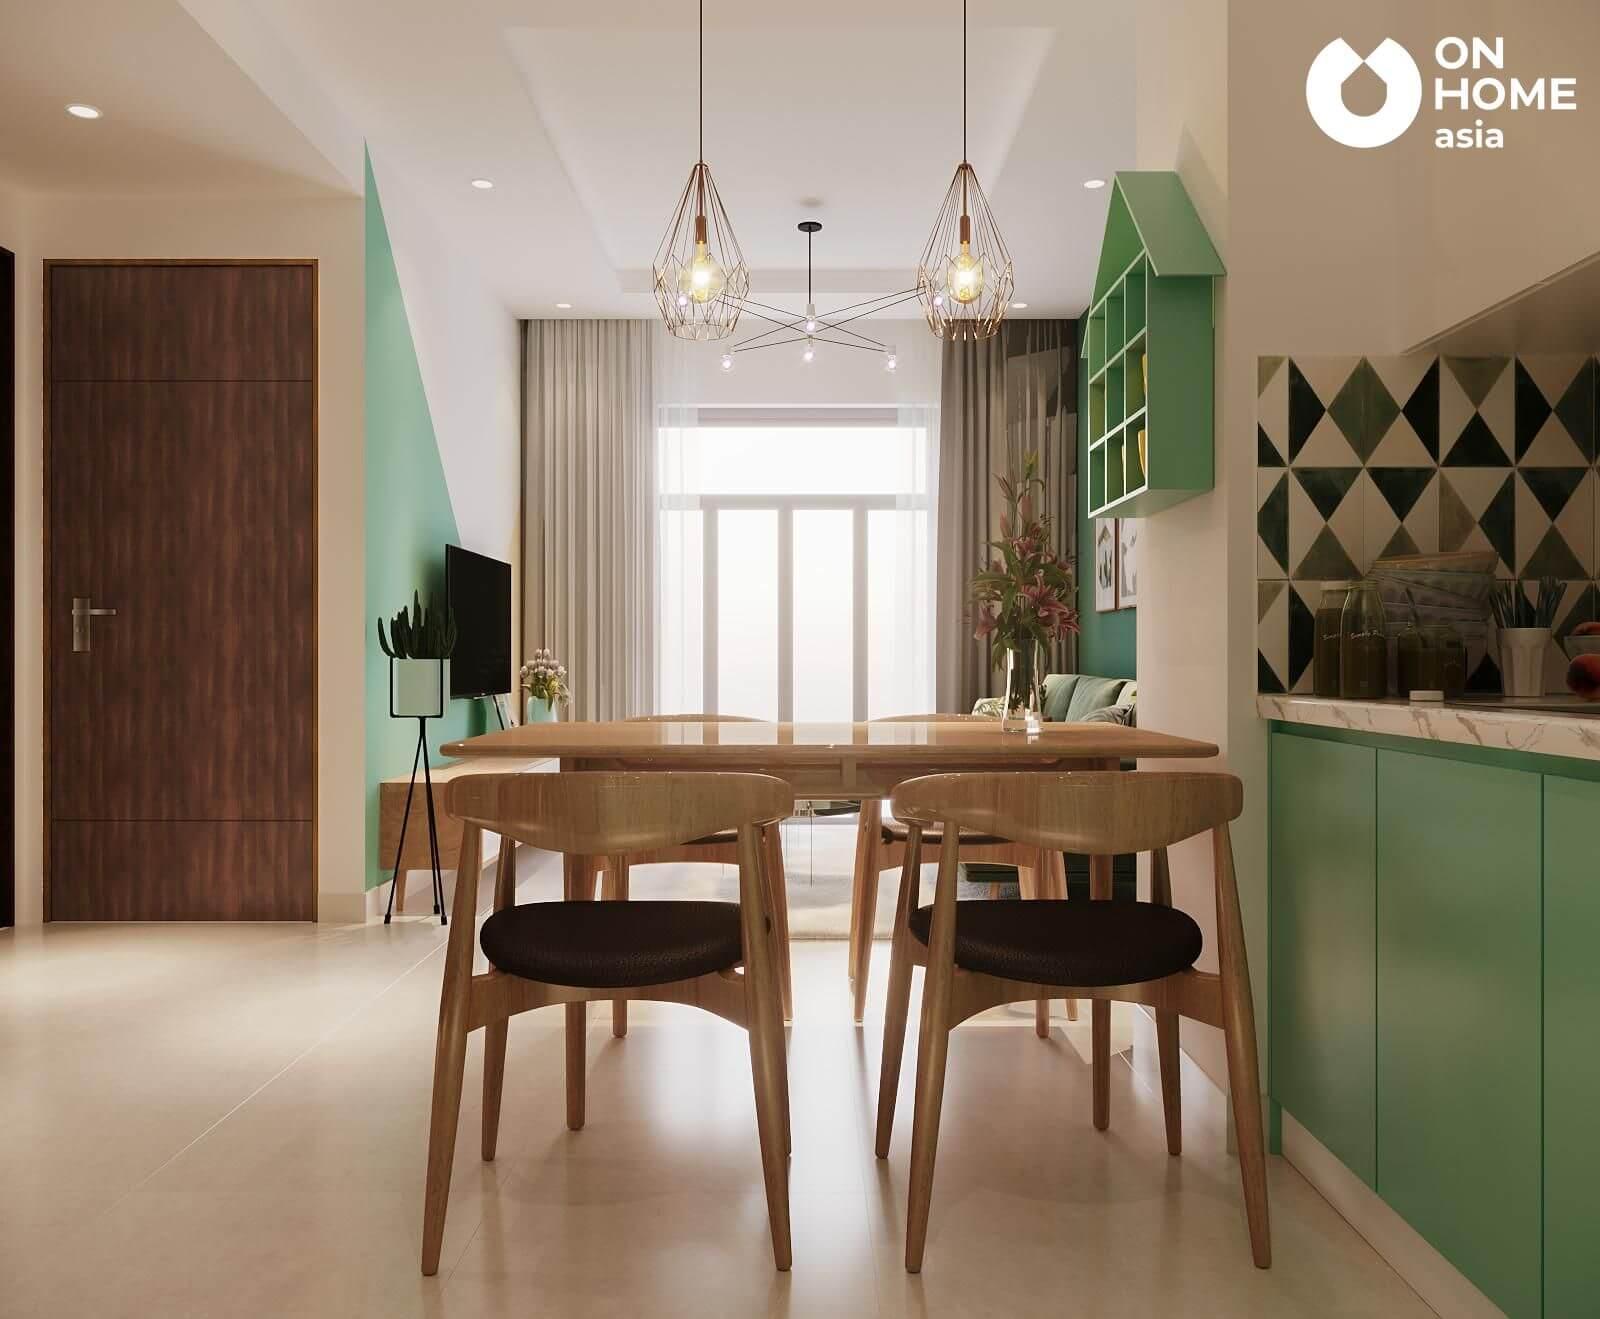 bàn ăn bằng gỗ được thiết kế cho căn hộ the view